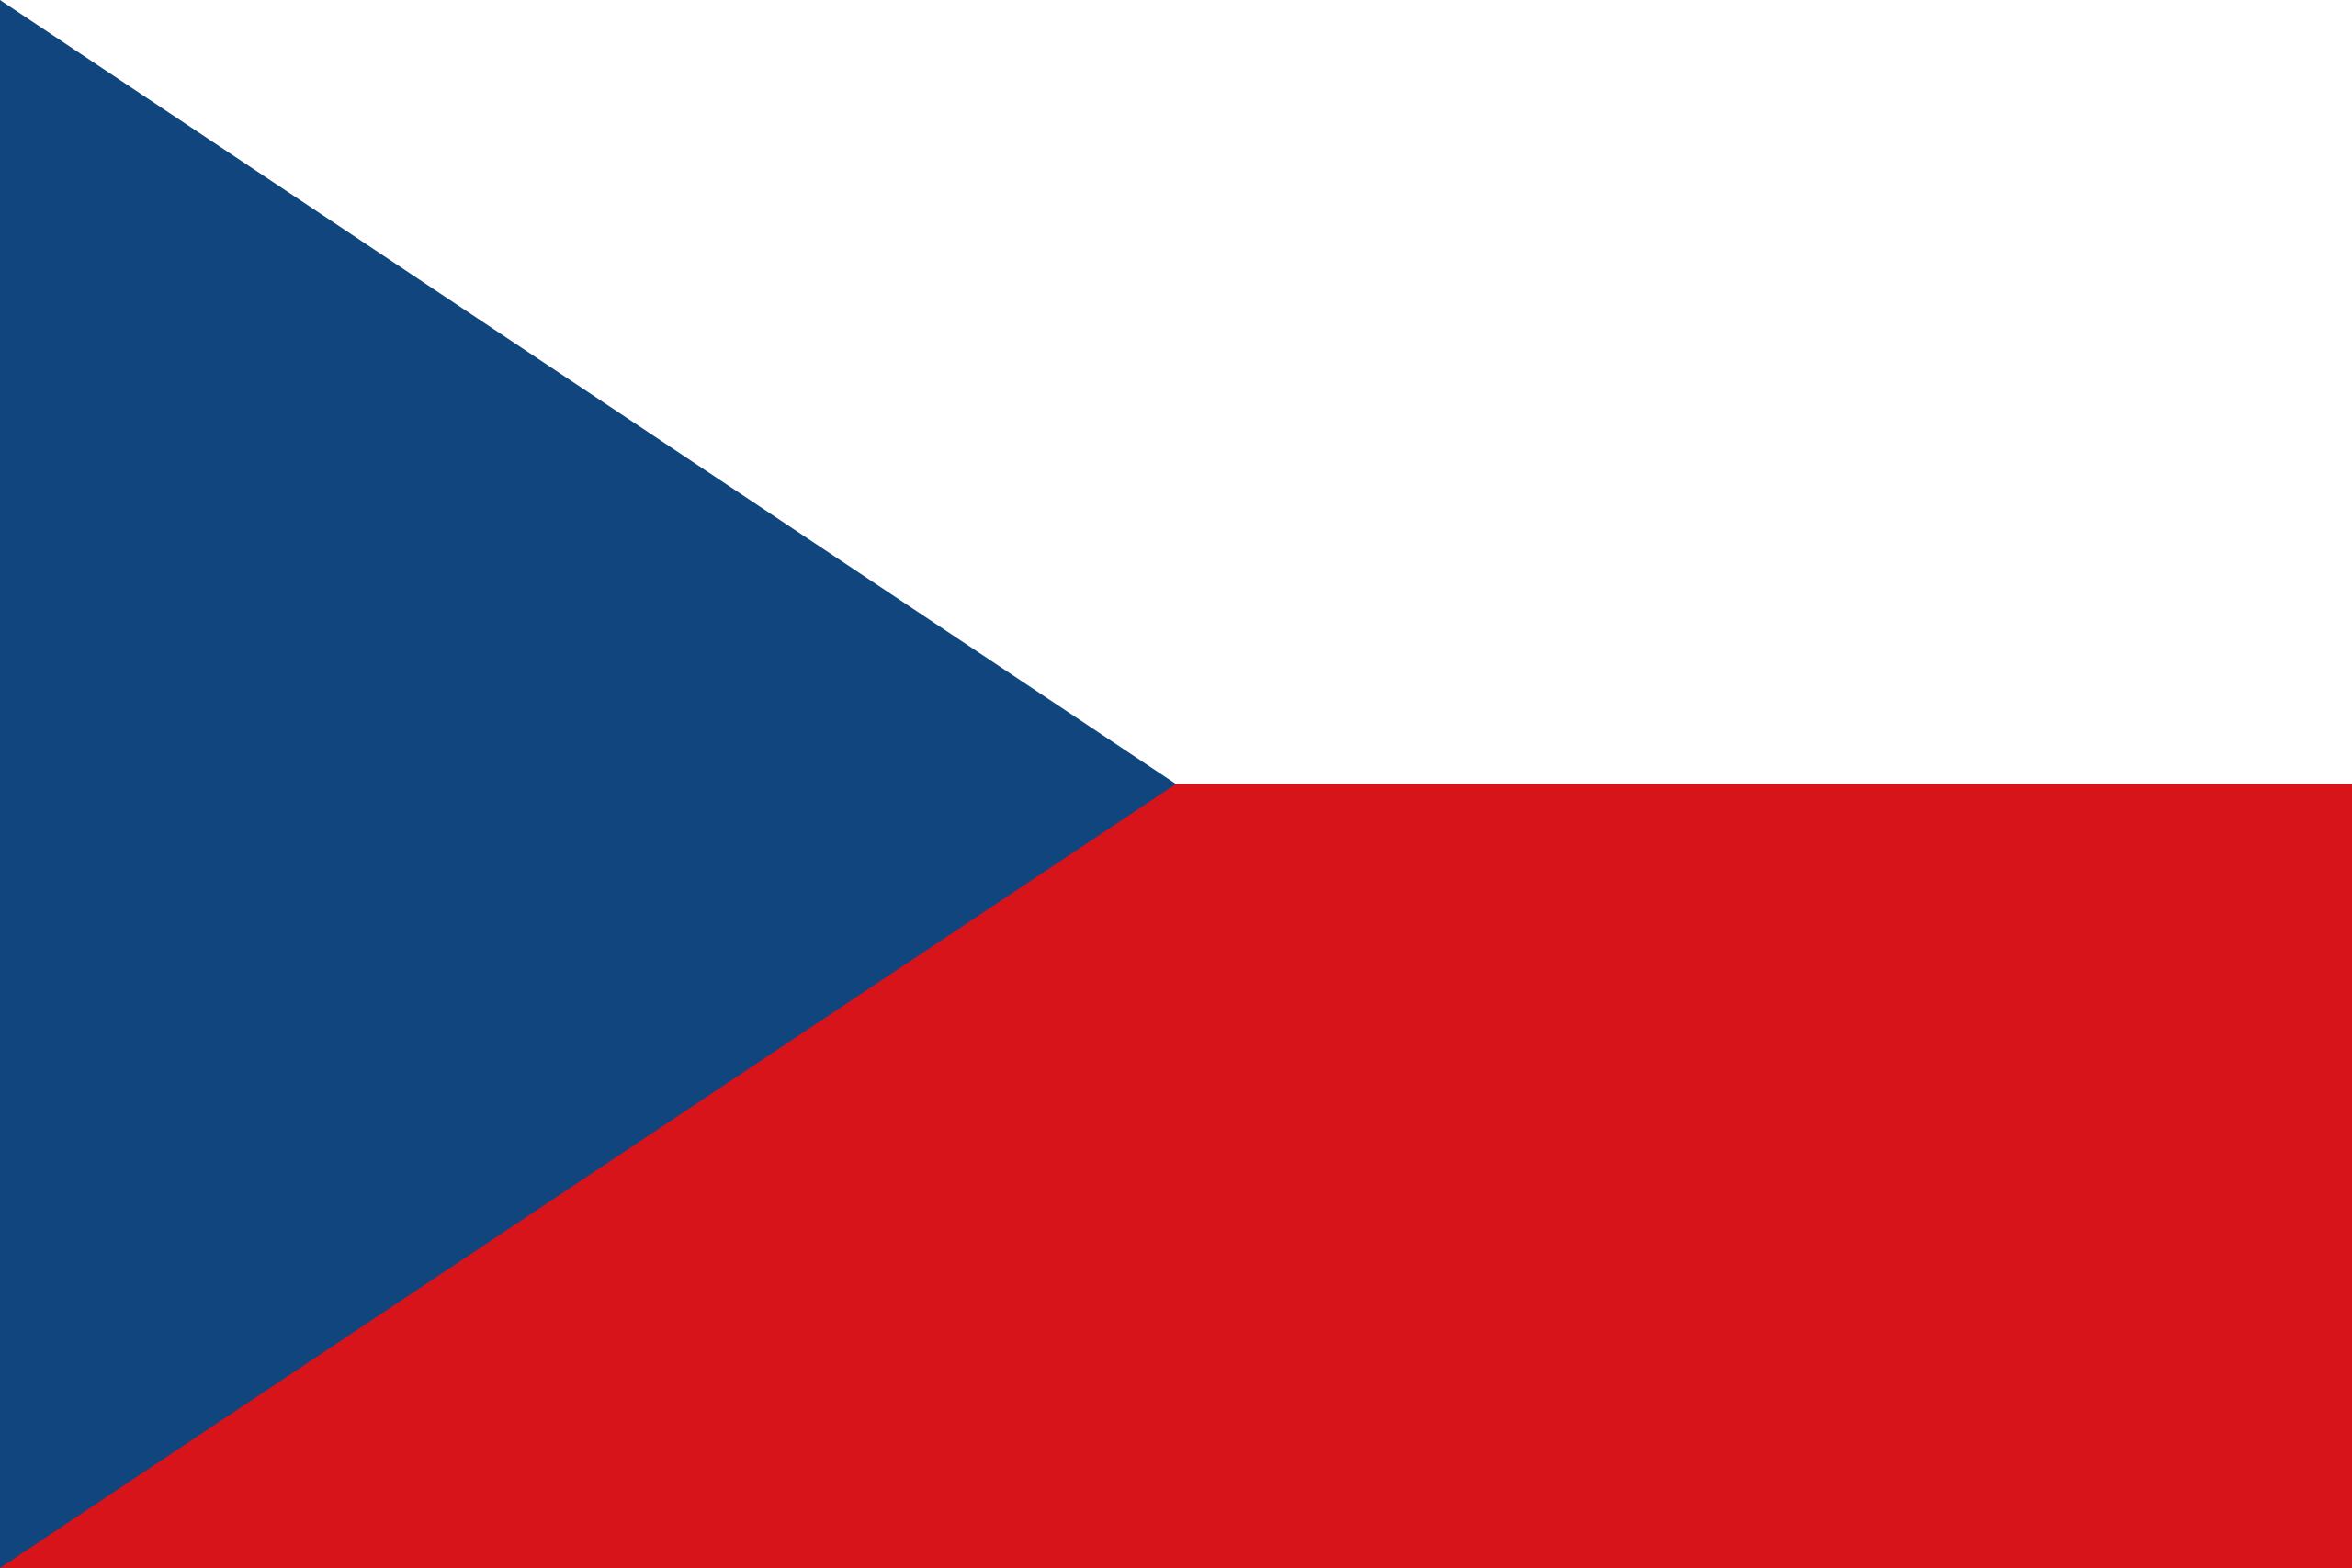 república checa, 国家, 会徽, 徽标, 符号 - 高清壁纸 - 教授-falken.com